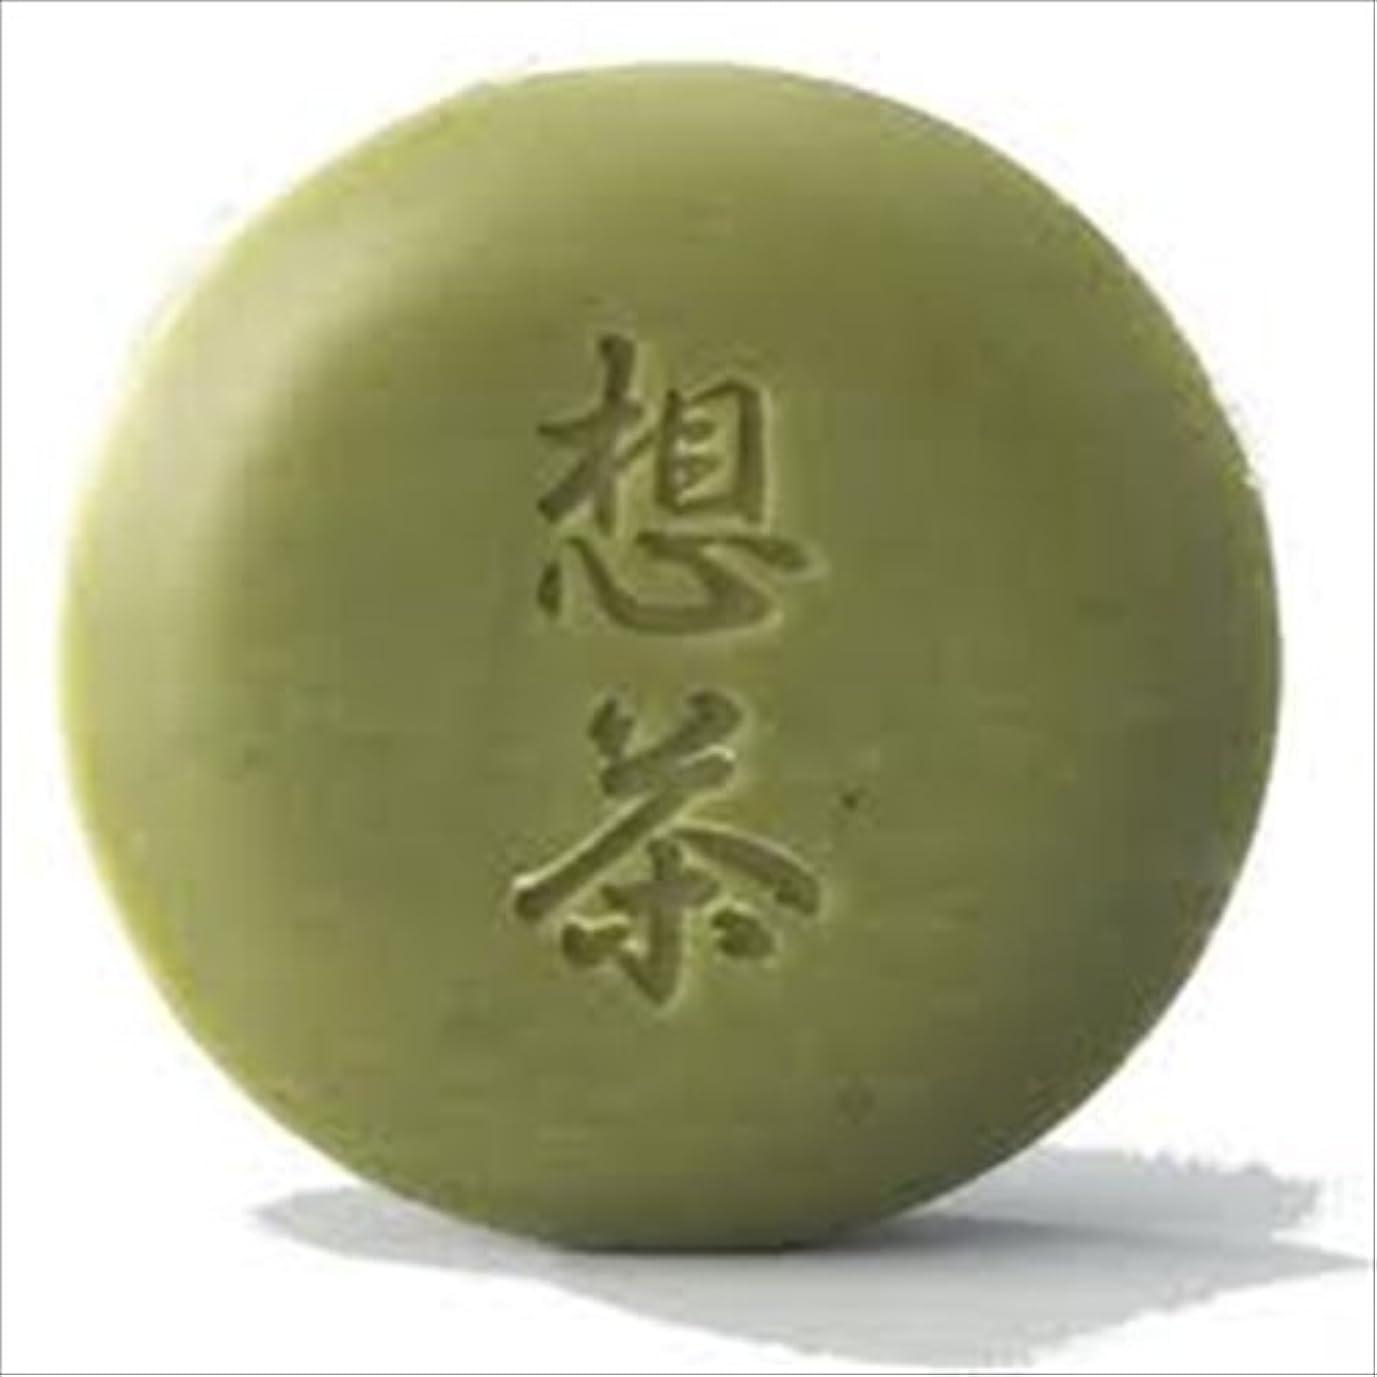 ペチュランス例示するロック解除静岡茶粉末入 想茶石鹸